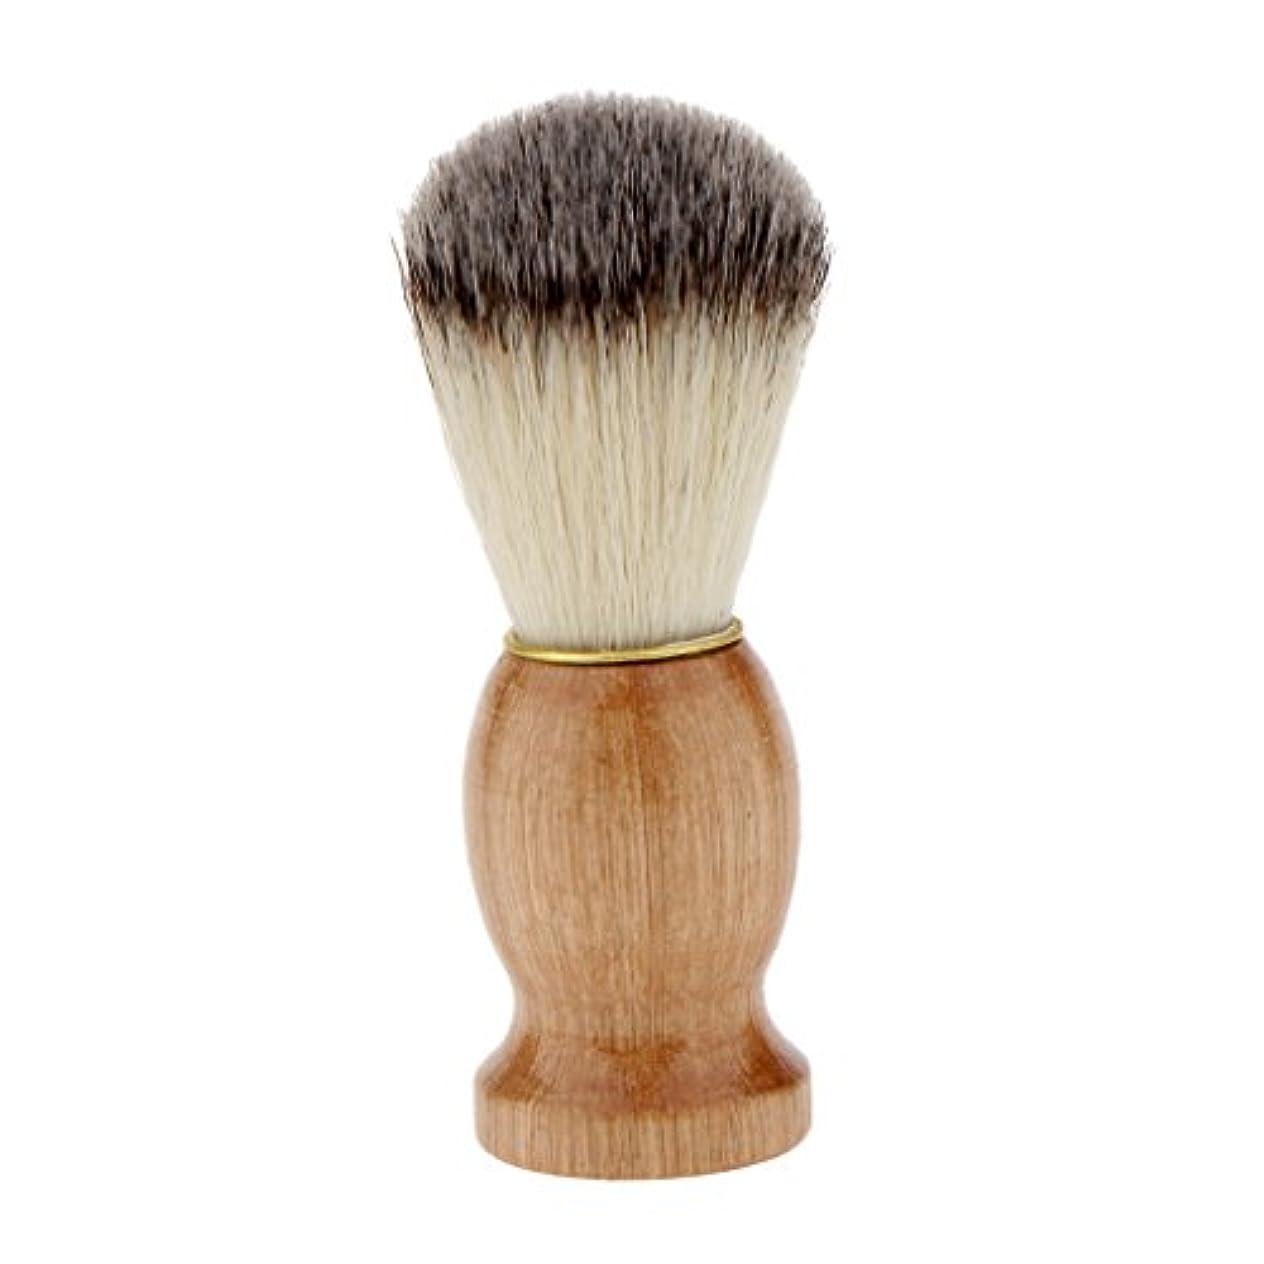 ジュラシックパーク表面ほかに男性ギフト剃毛シェービングブラシプロ理髪店サロン剛毛ブラシウッドハンドルダストクリーニングツール